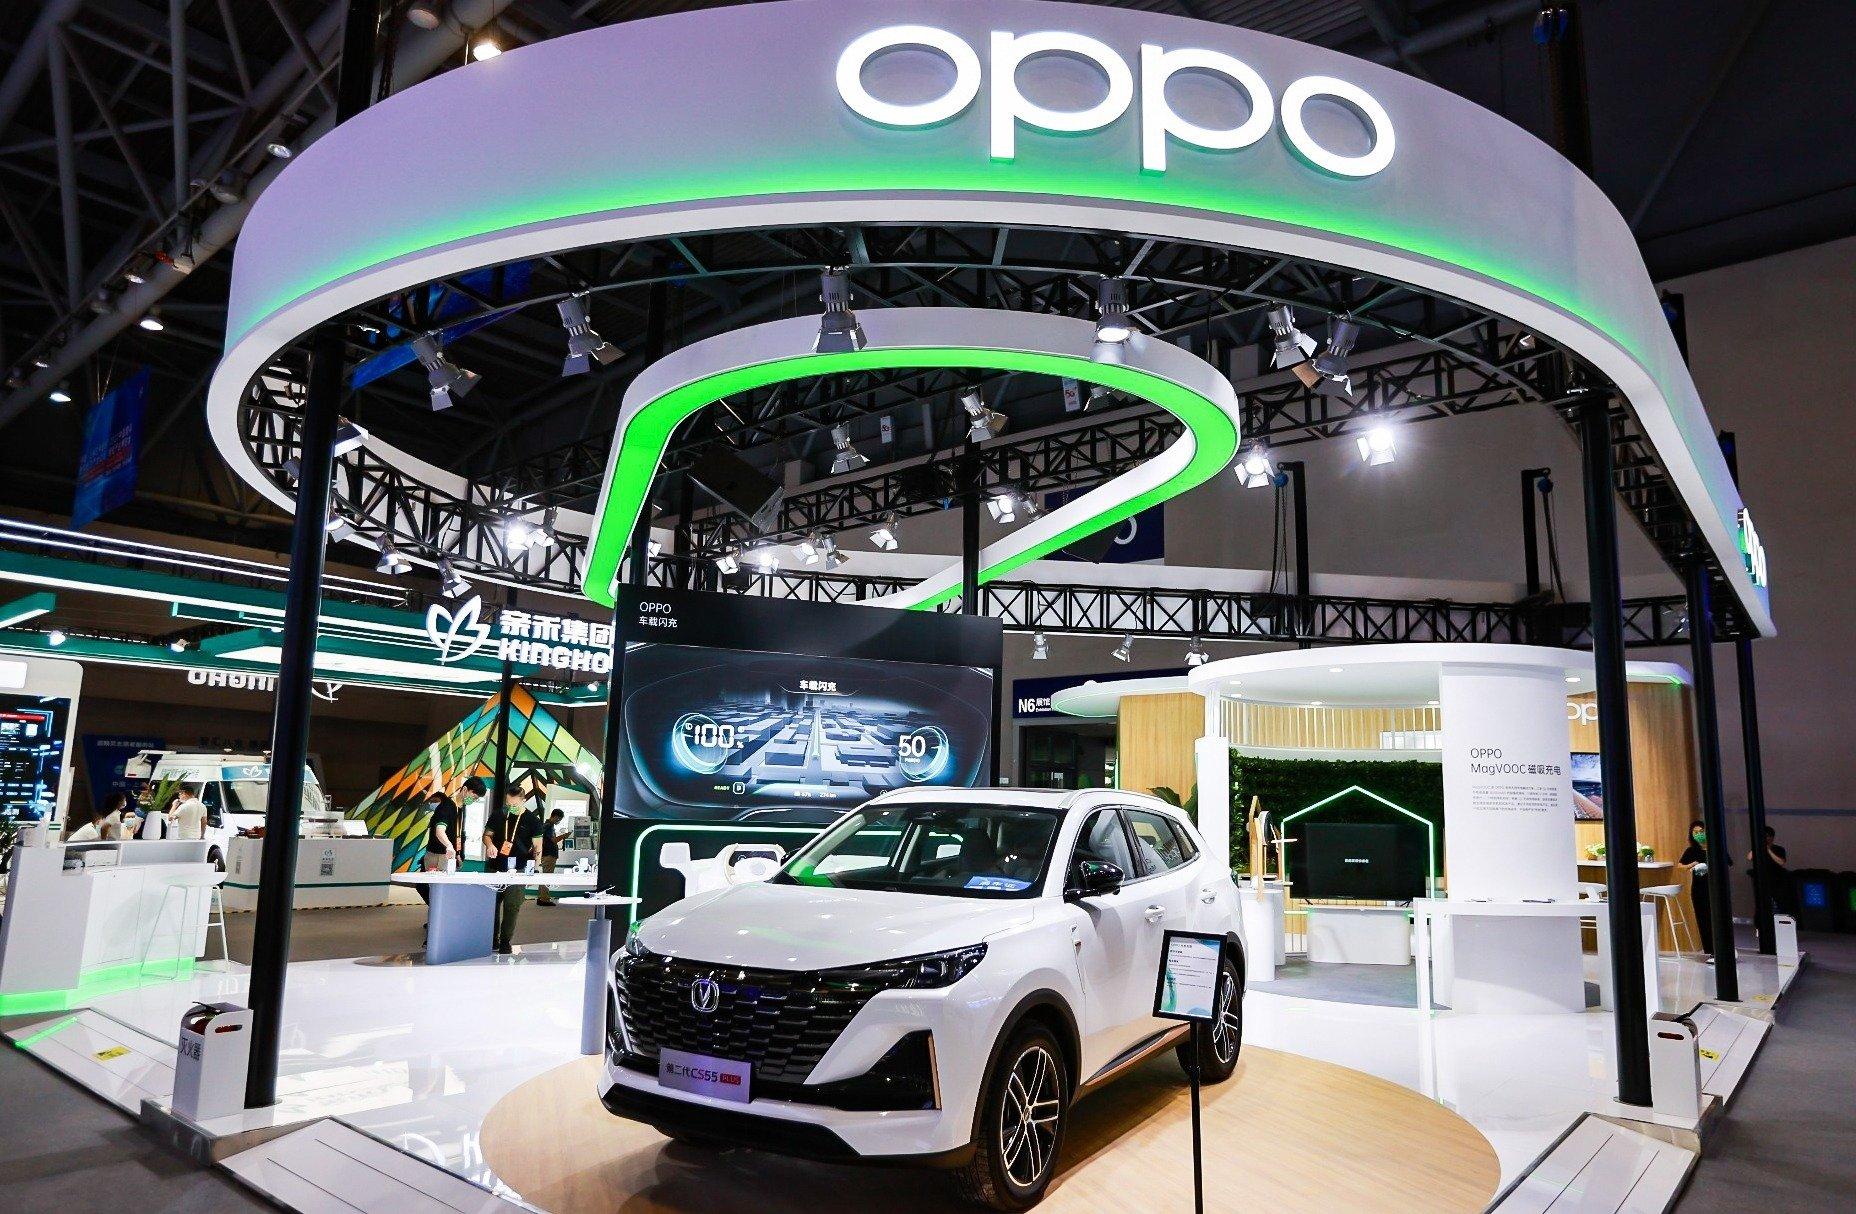 OPPO prezentuje serię urządzeń MagVOOC i technologie łączności samochodowej